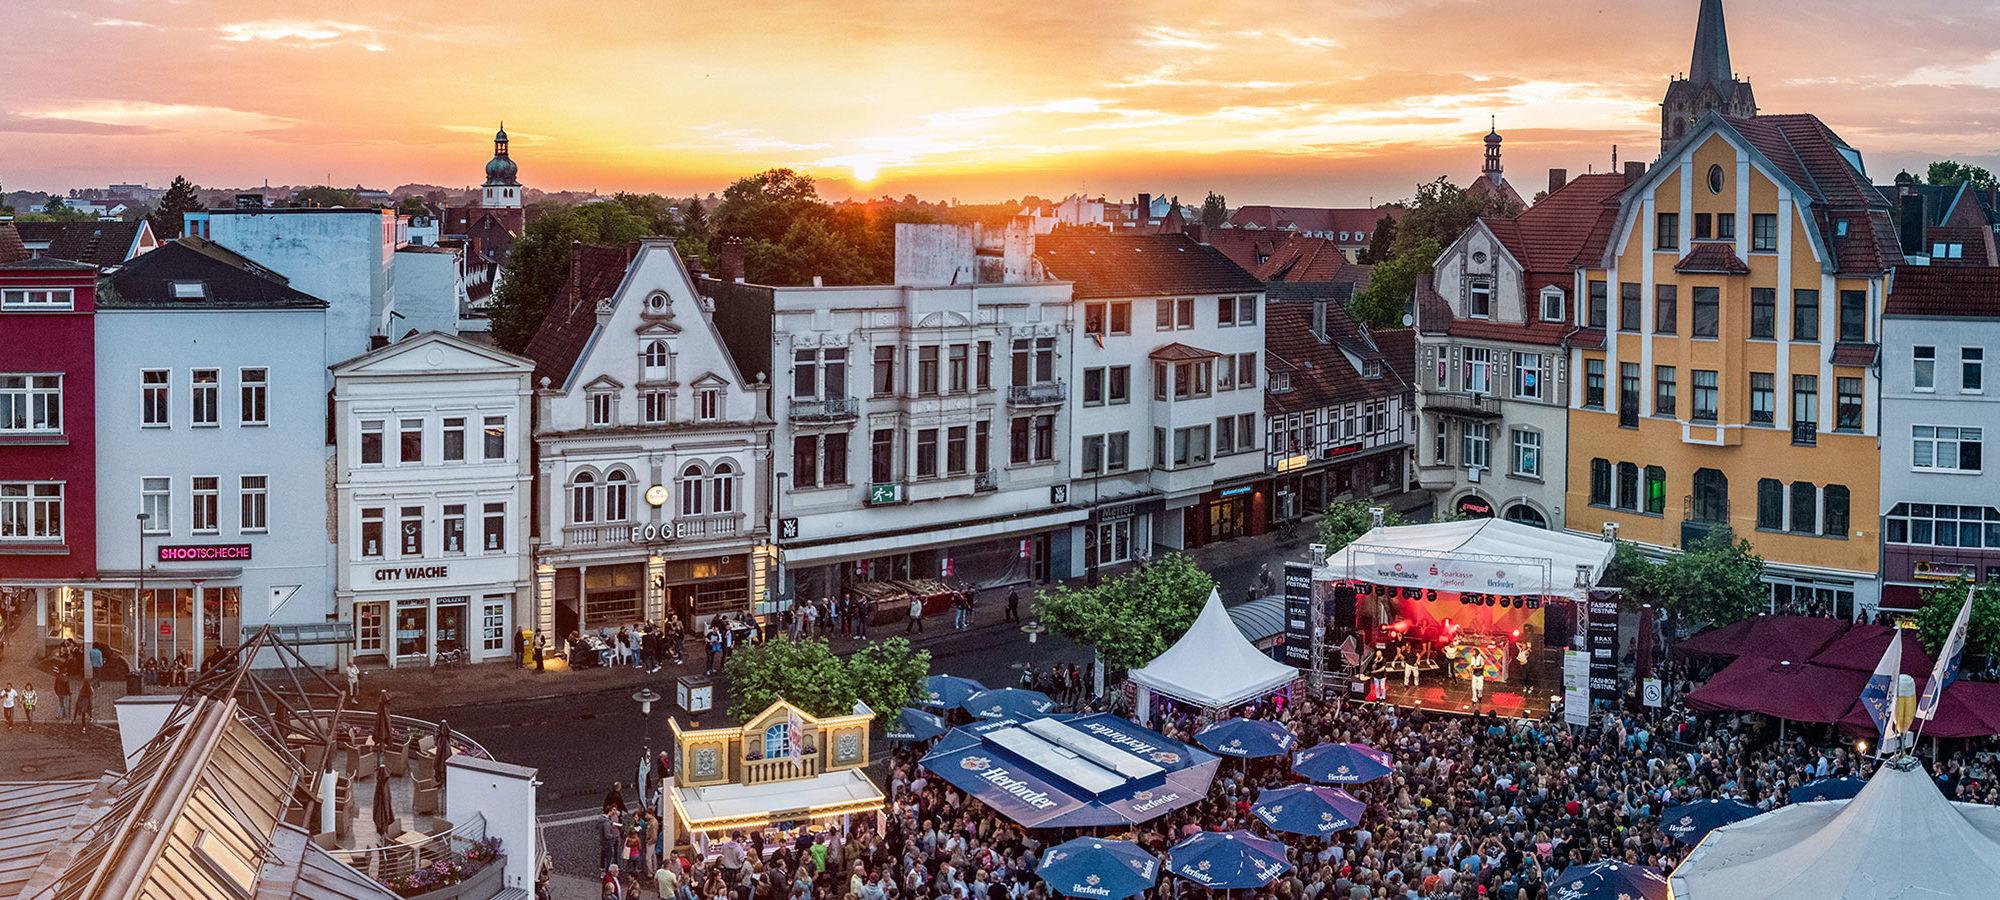 Höcker Fest 2017 Panorama © D. Karabasch im Auftrag der Pro Herford GmbH